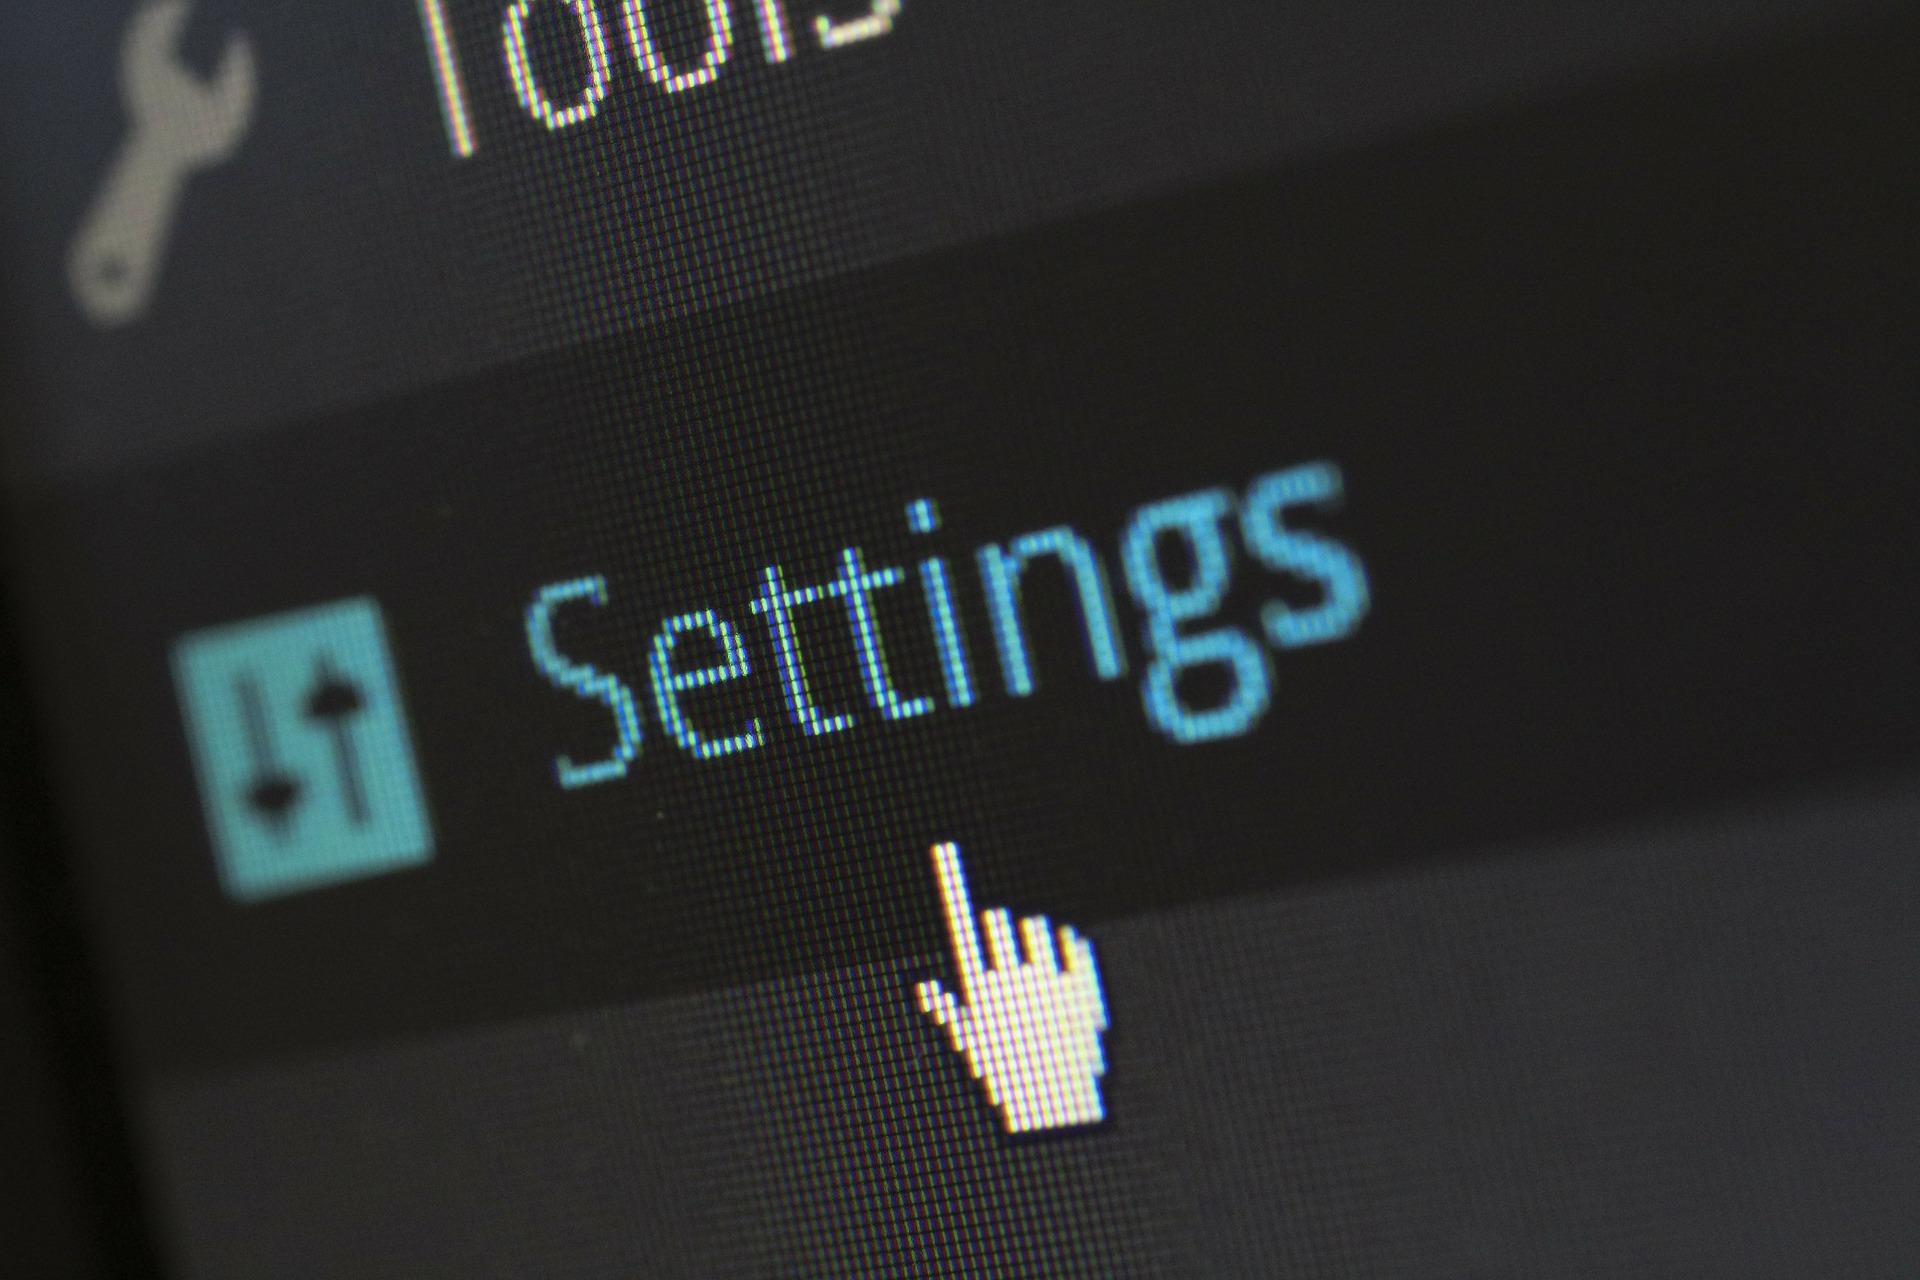 """Imagen de <a href=""""https://pixabay.com/es/users/padrinan-1694659/?utm_source=link-attribution&amp;utm_medium=referral&amp;utm_campaign=image&amp;utm_content=4932632"""">Miguel Á. Padriñán</a> en <a href=""""https://pixabay.com/es/?utm_source=link-attribution&amp;utm_medium=referral&amp;utm_campaign=image&amp;utm_content=4932632"""">Pixabay</a>"""